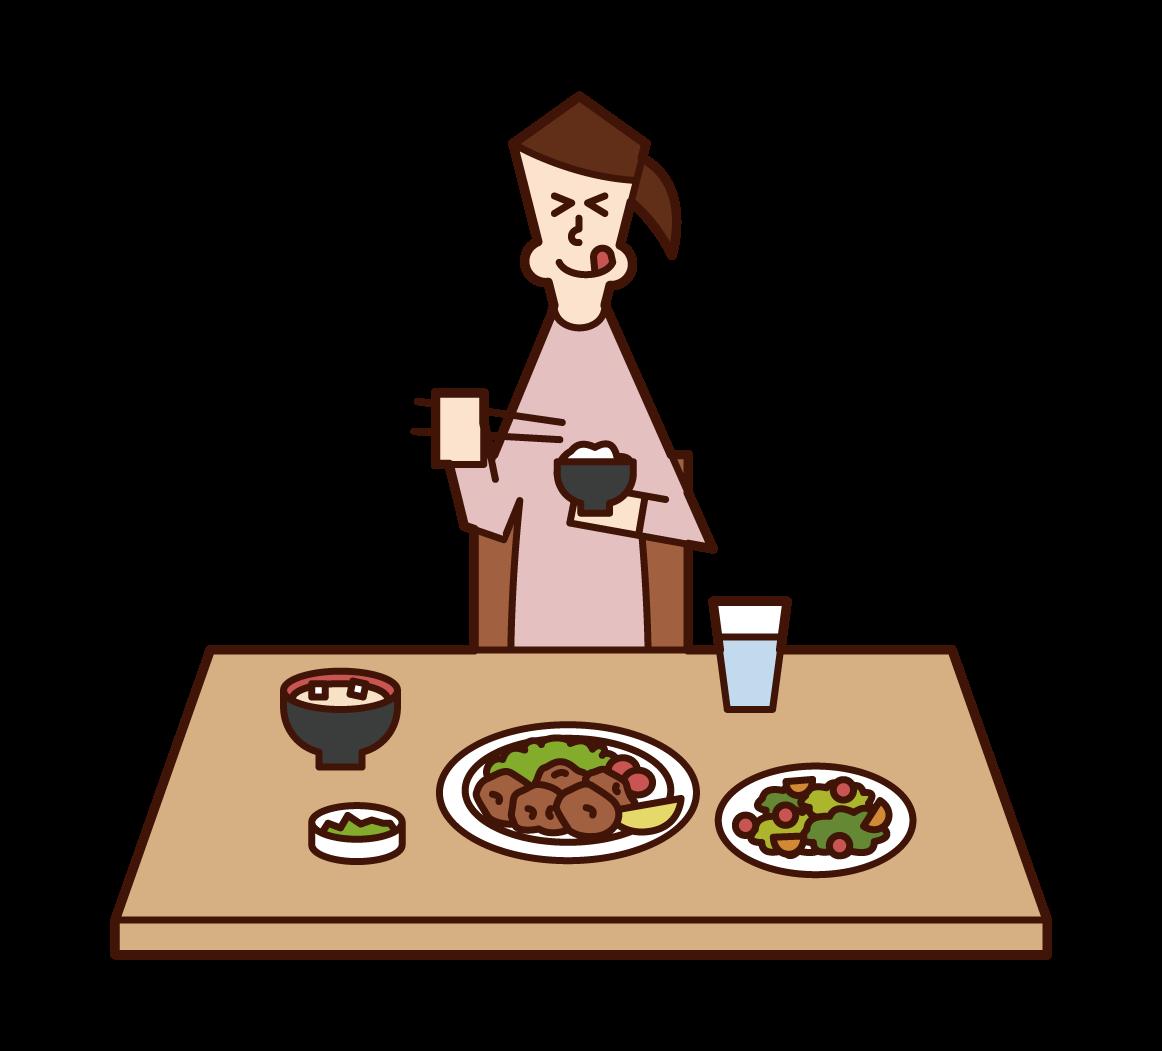 美味しそうに食事をする人(女性)のイラスト